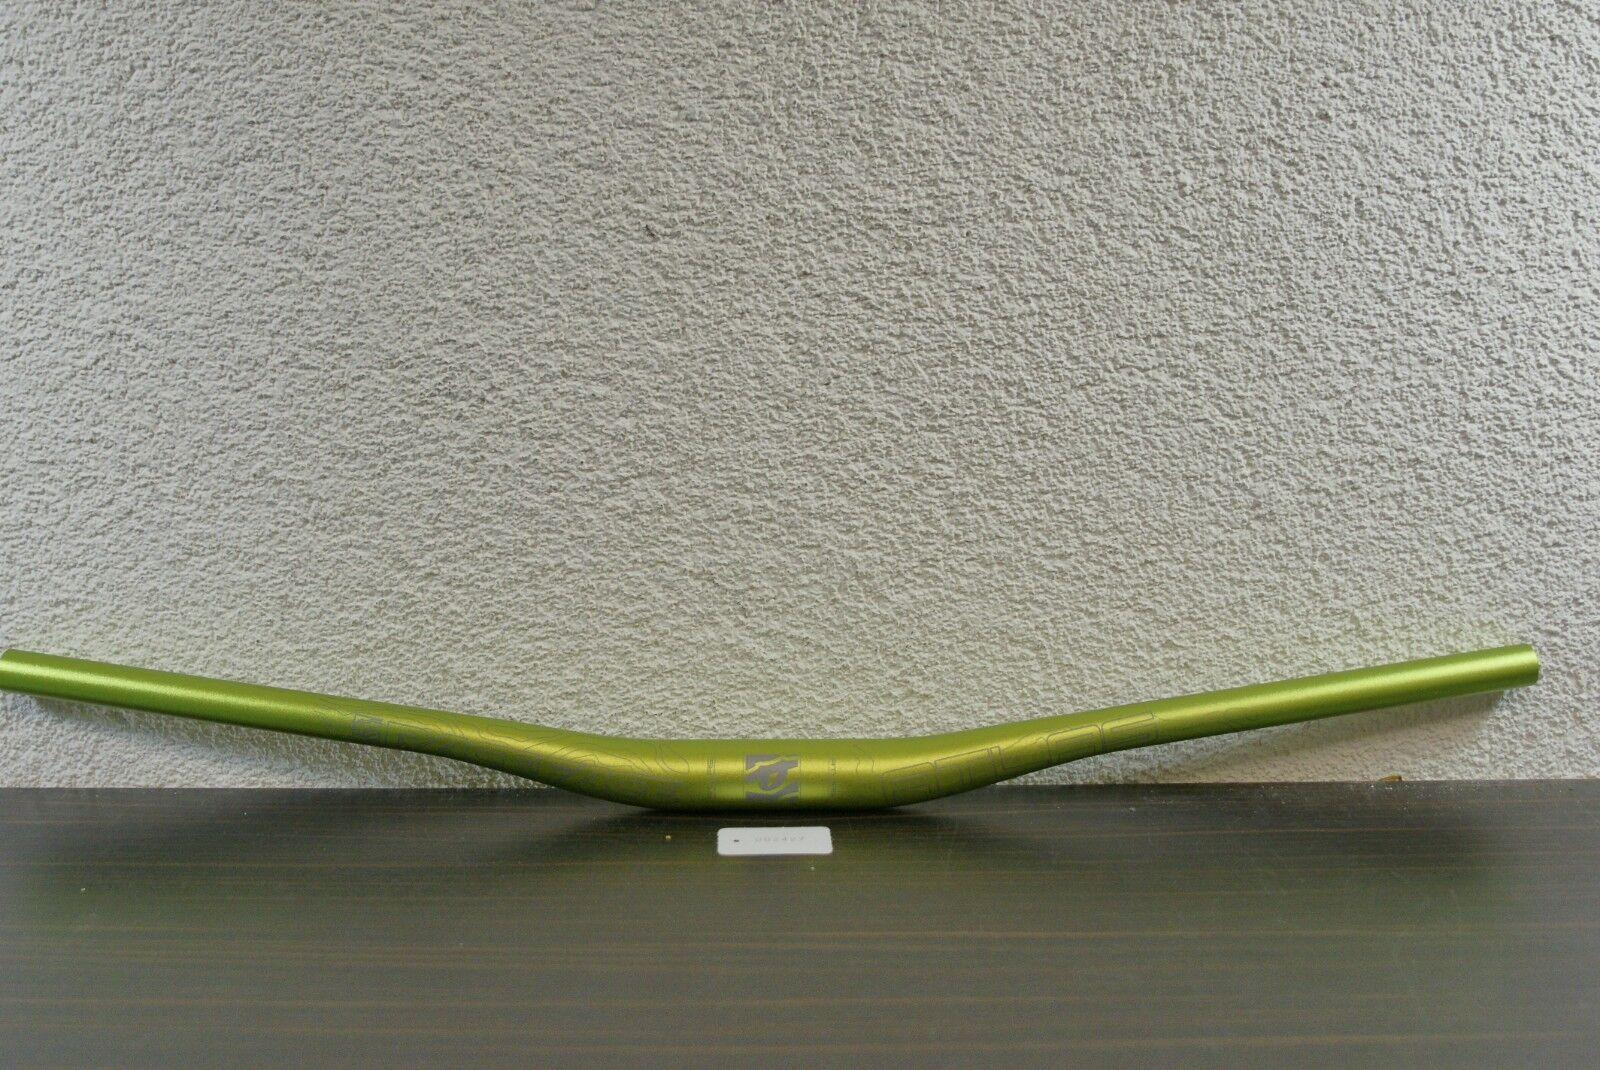 Race Face Atlas Freeride Lenker Grün Downhill 35mm Klemmung 775mm breit